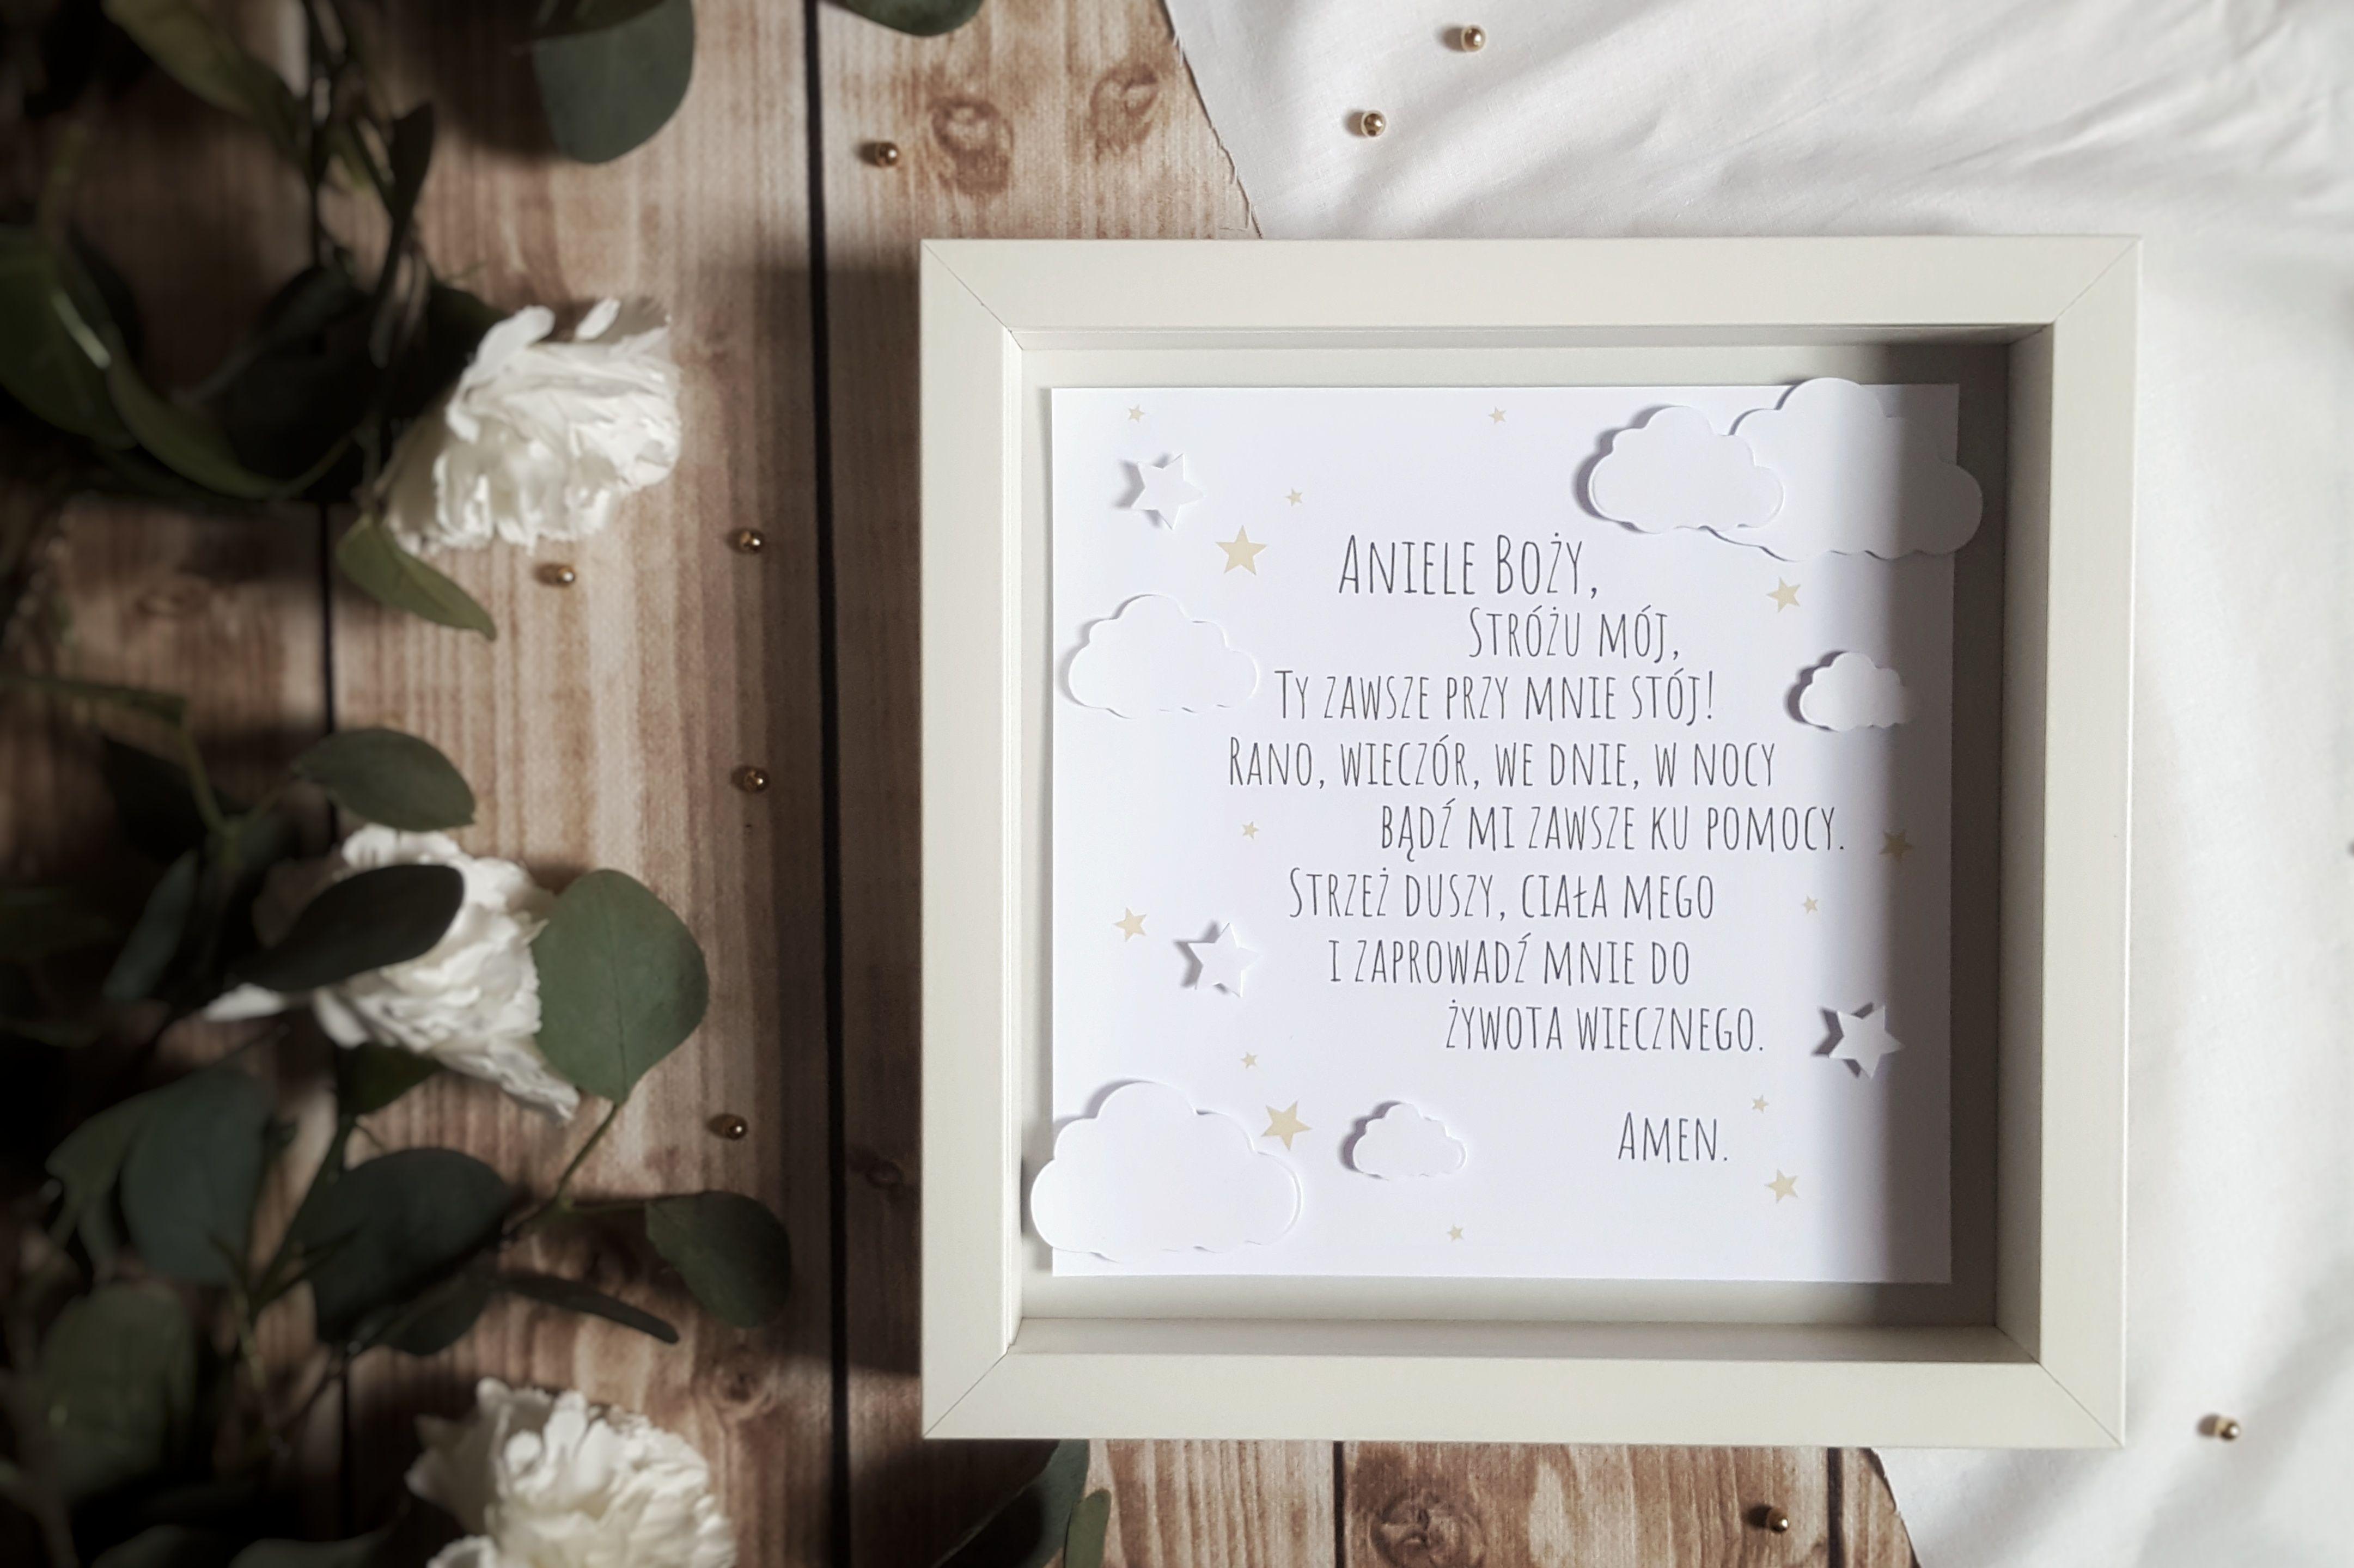 Ramka Z Modlitwa Aniele Bozy Dla Dziecka Prezent Na Narodziny Dziecka Chrzest Swiety Roczek Frame Home Decor Decor